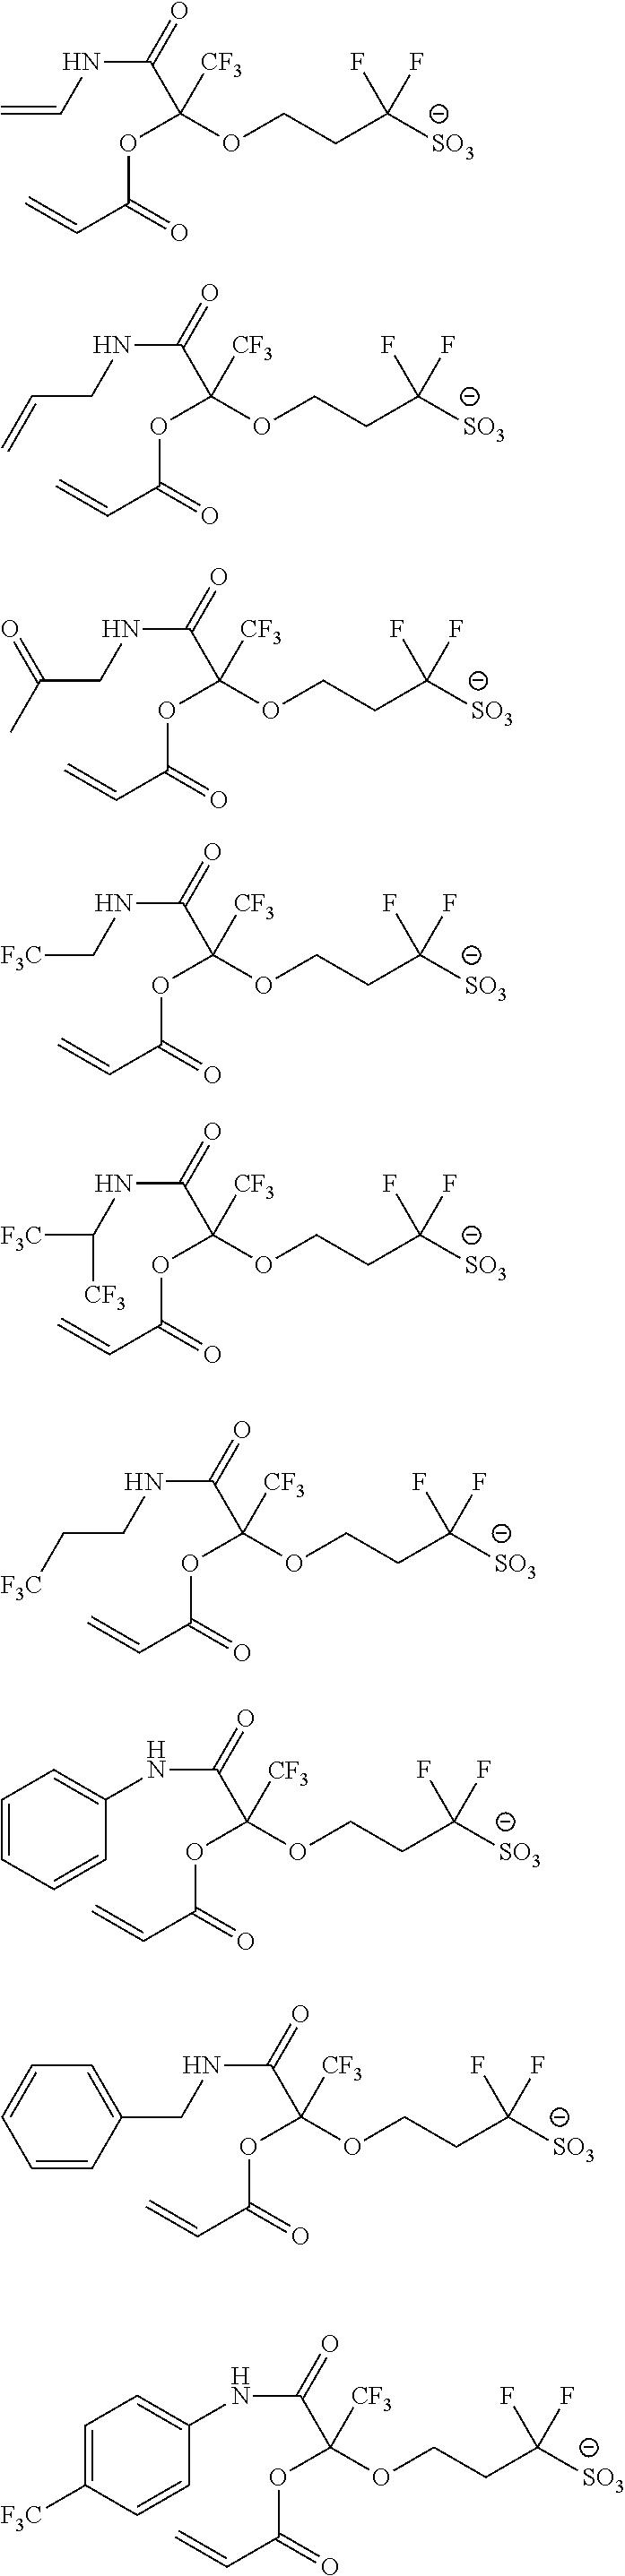 Figure US09182664-20151110-C00065